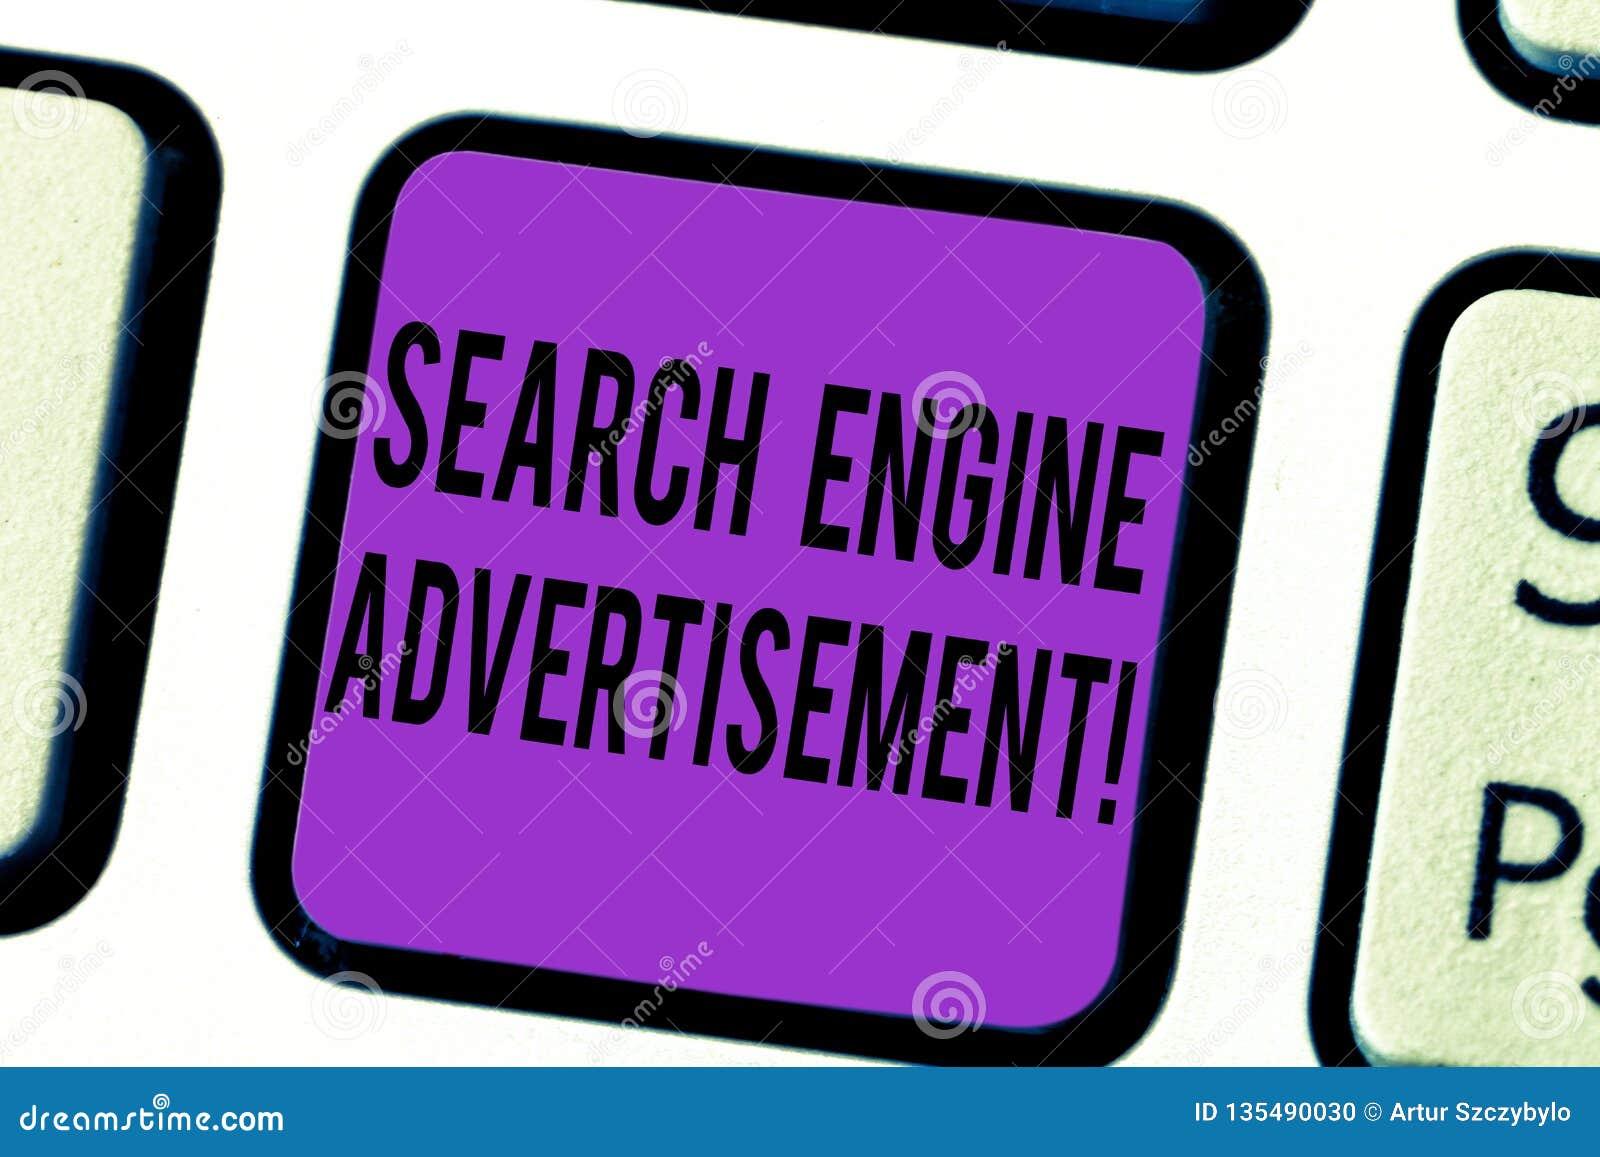 Διαφήμιση μηχανών αναζήτησης κειμένων γραφής Έννοια που σημαίνει τοποθετώντας τις σε απευθείας σύνδεση διαφημίσεις στο κλειδί πλη